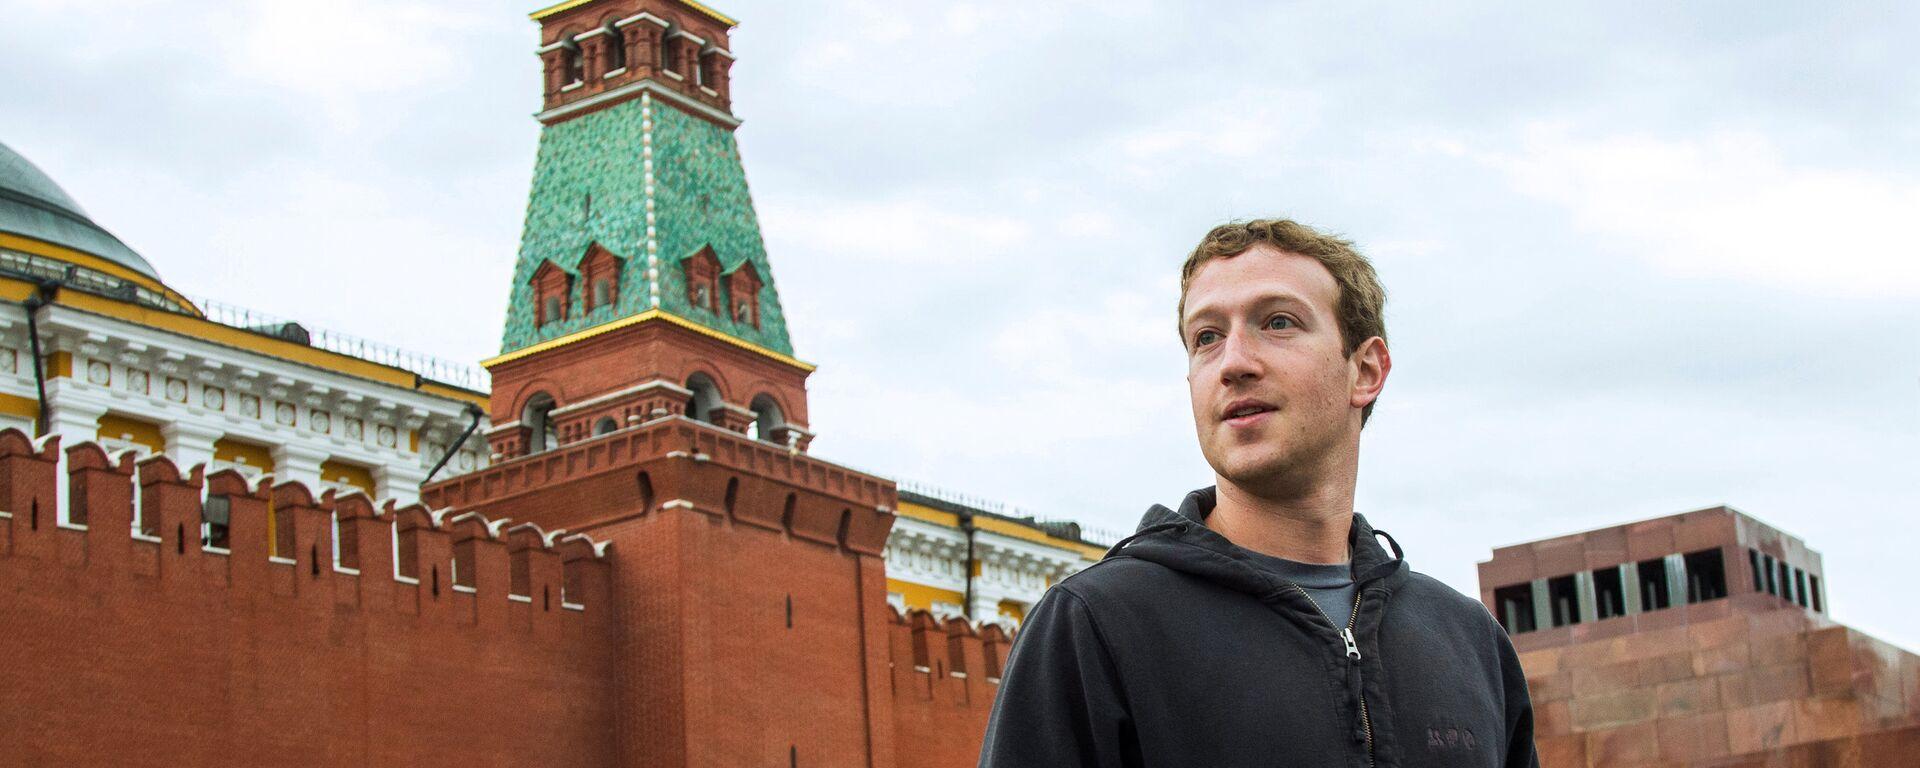 Основатель Facebook Марк Цукерберг - Sputnik Латвия, 1920, 22.09.2017